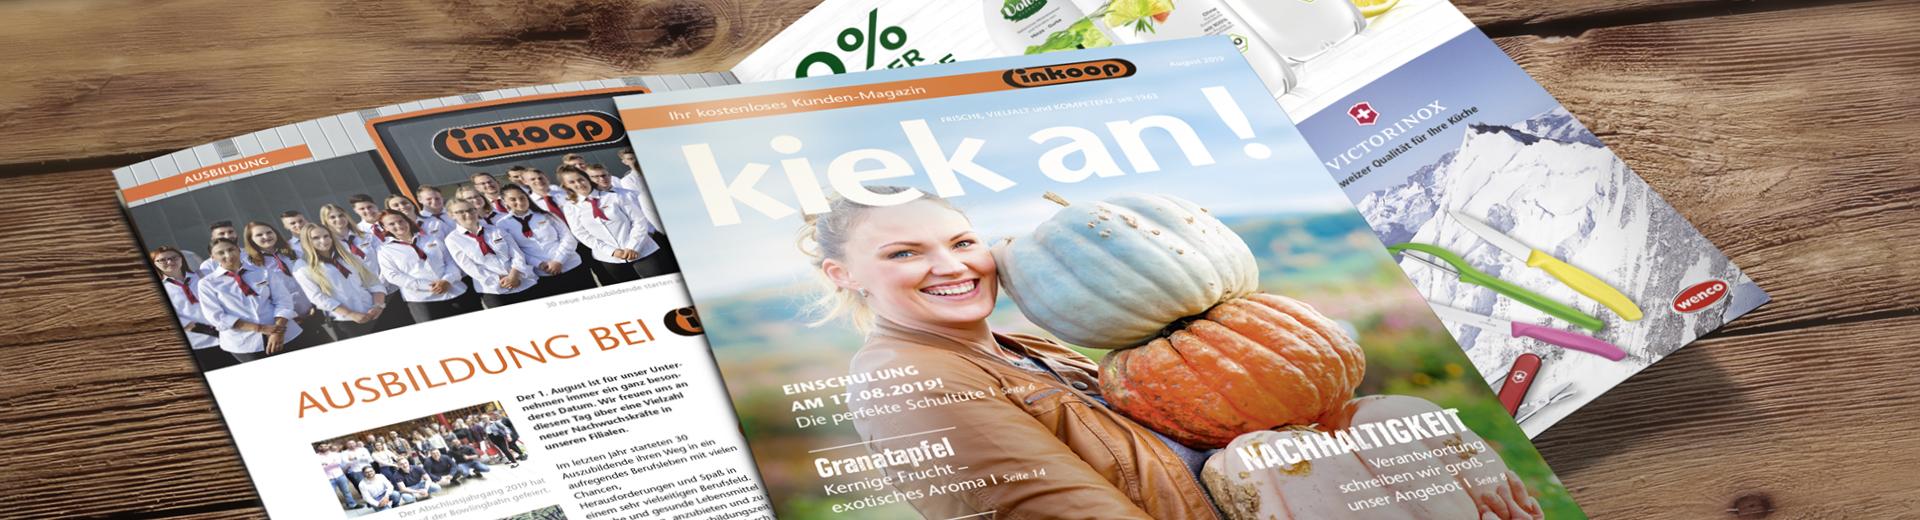 Ihr kostenloses Kunden-Magazin